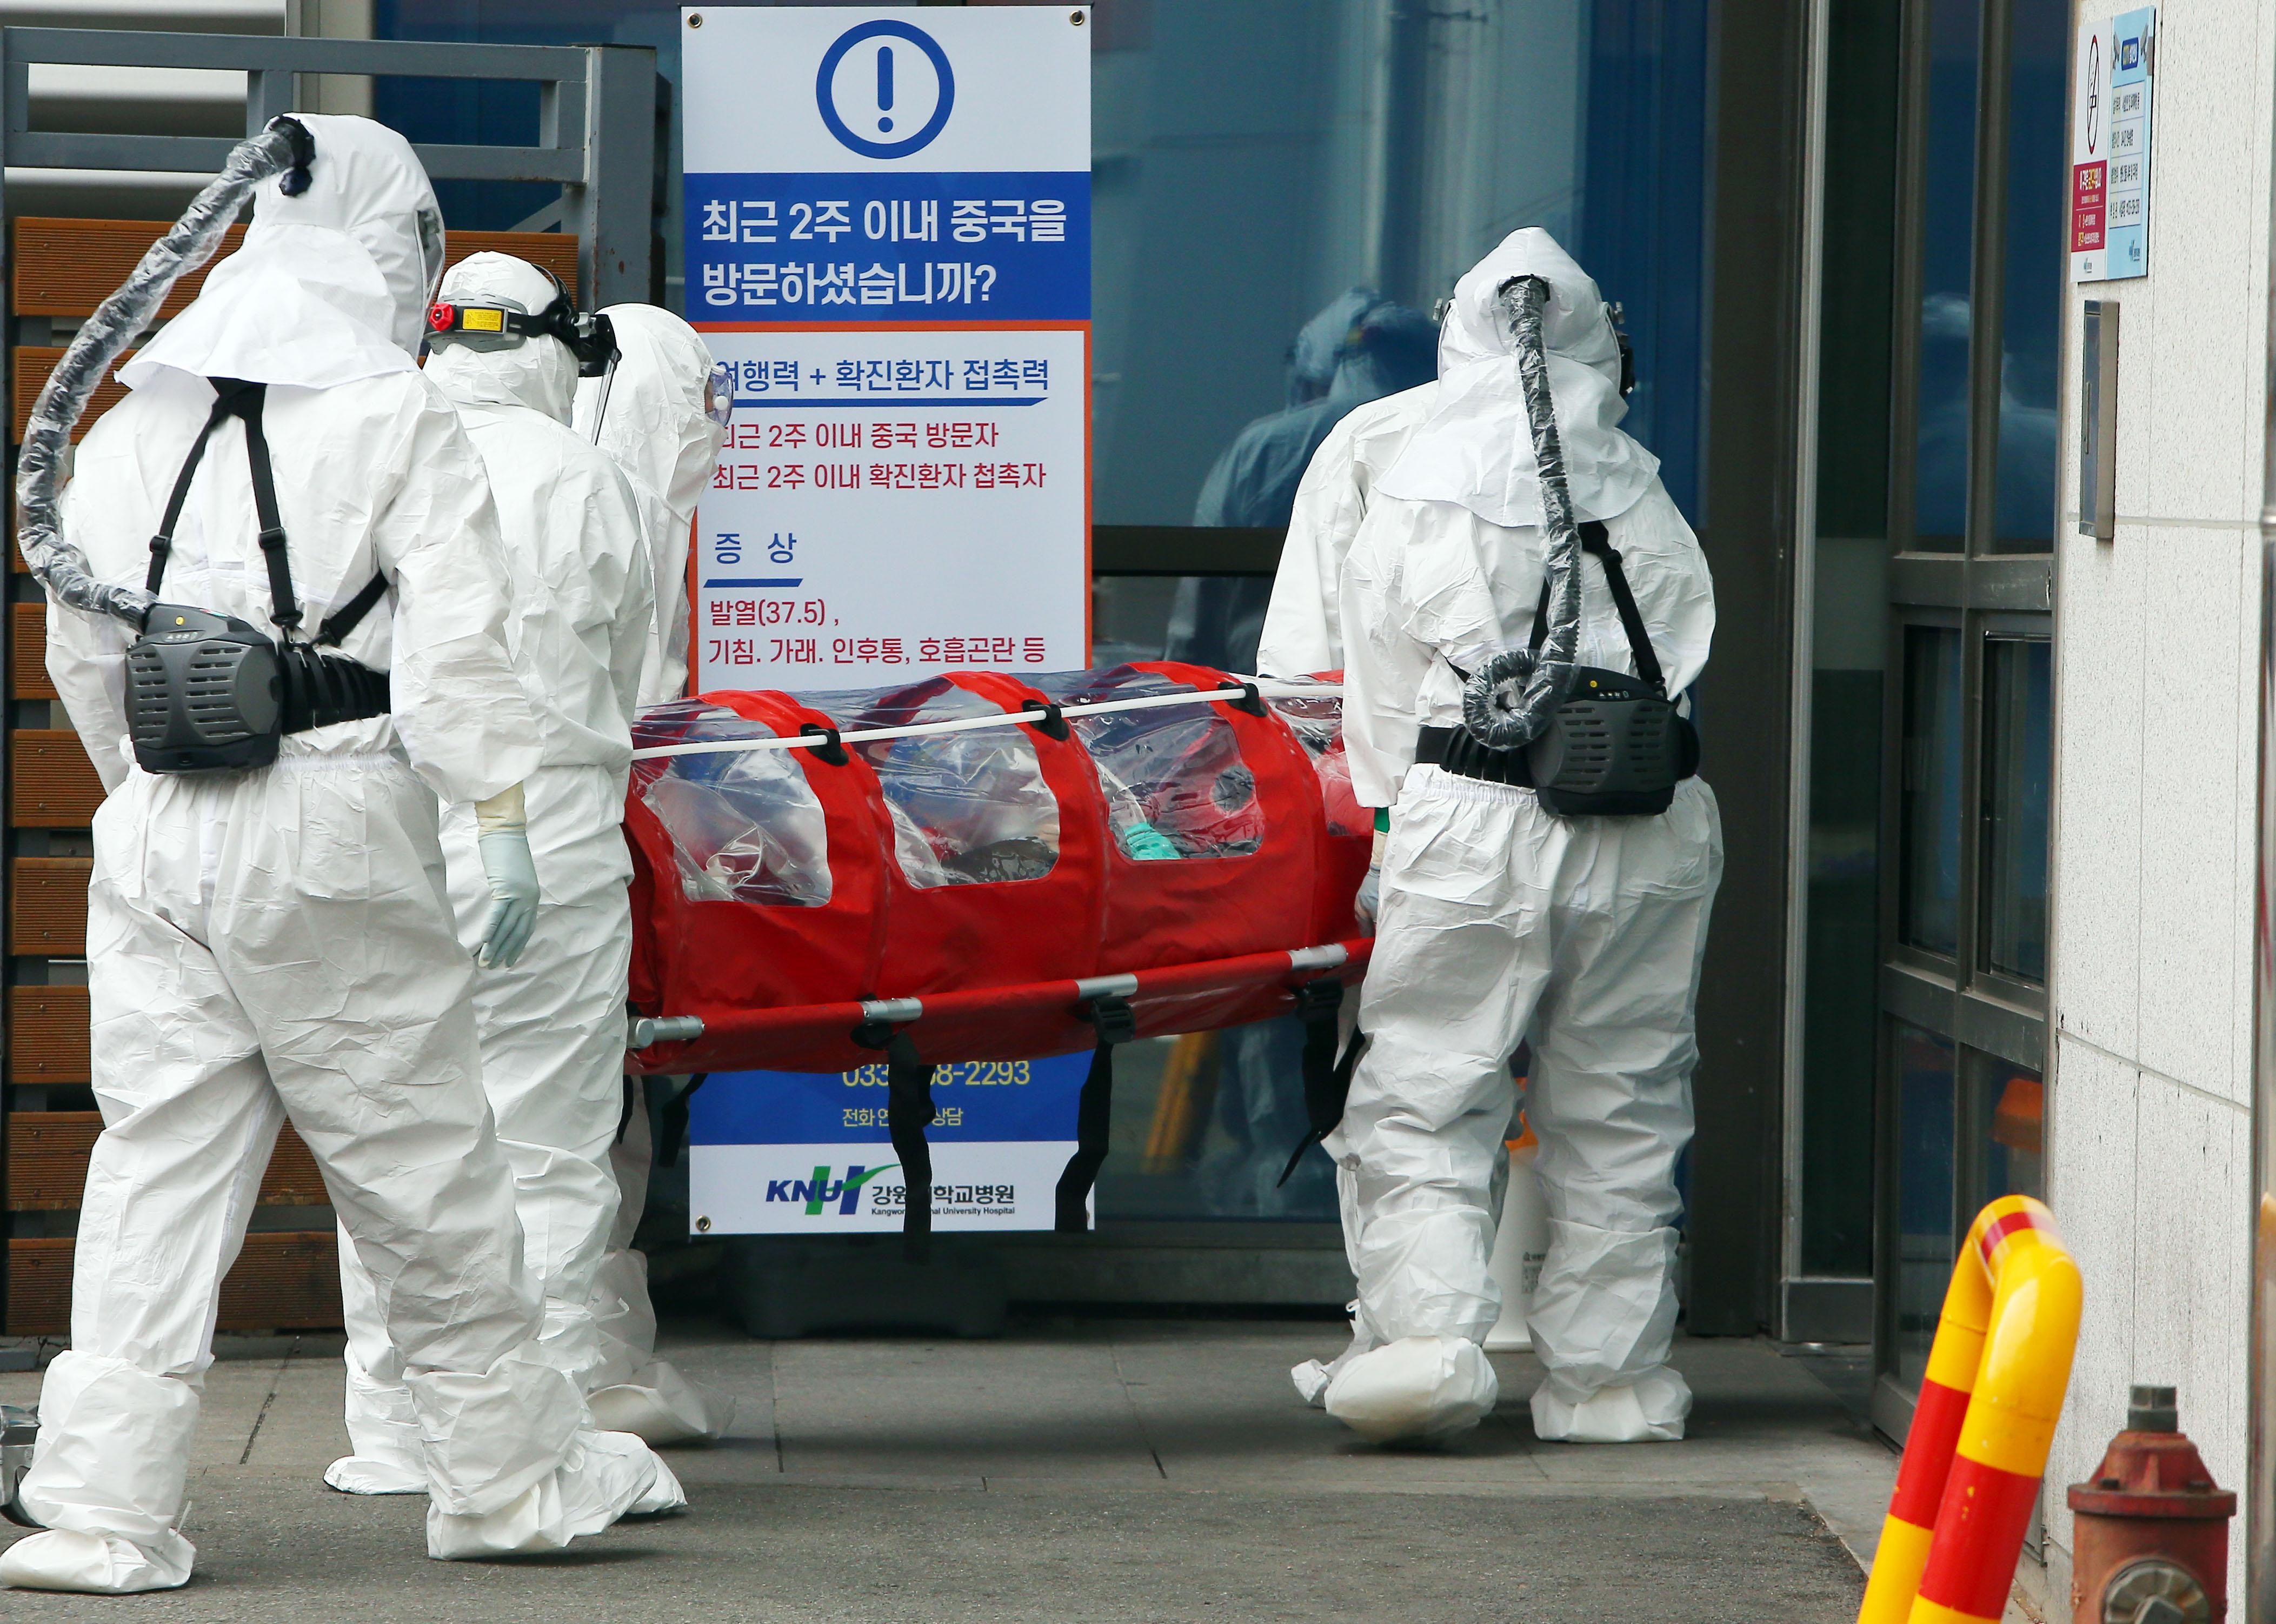 A WHO főnöke szerint egyre romlanak az esélyeink a koronavírus-világjárvány megelőzésére